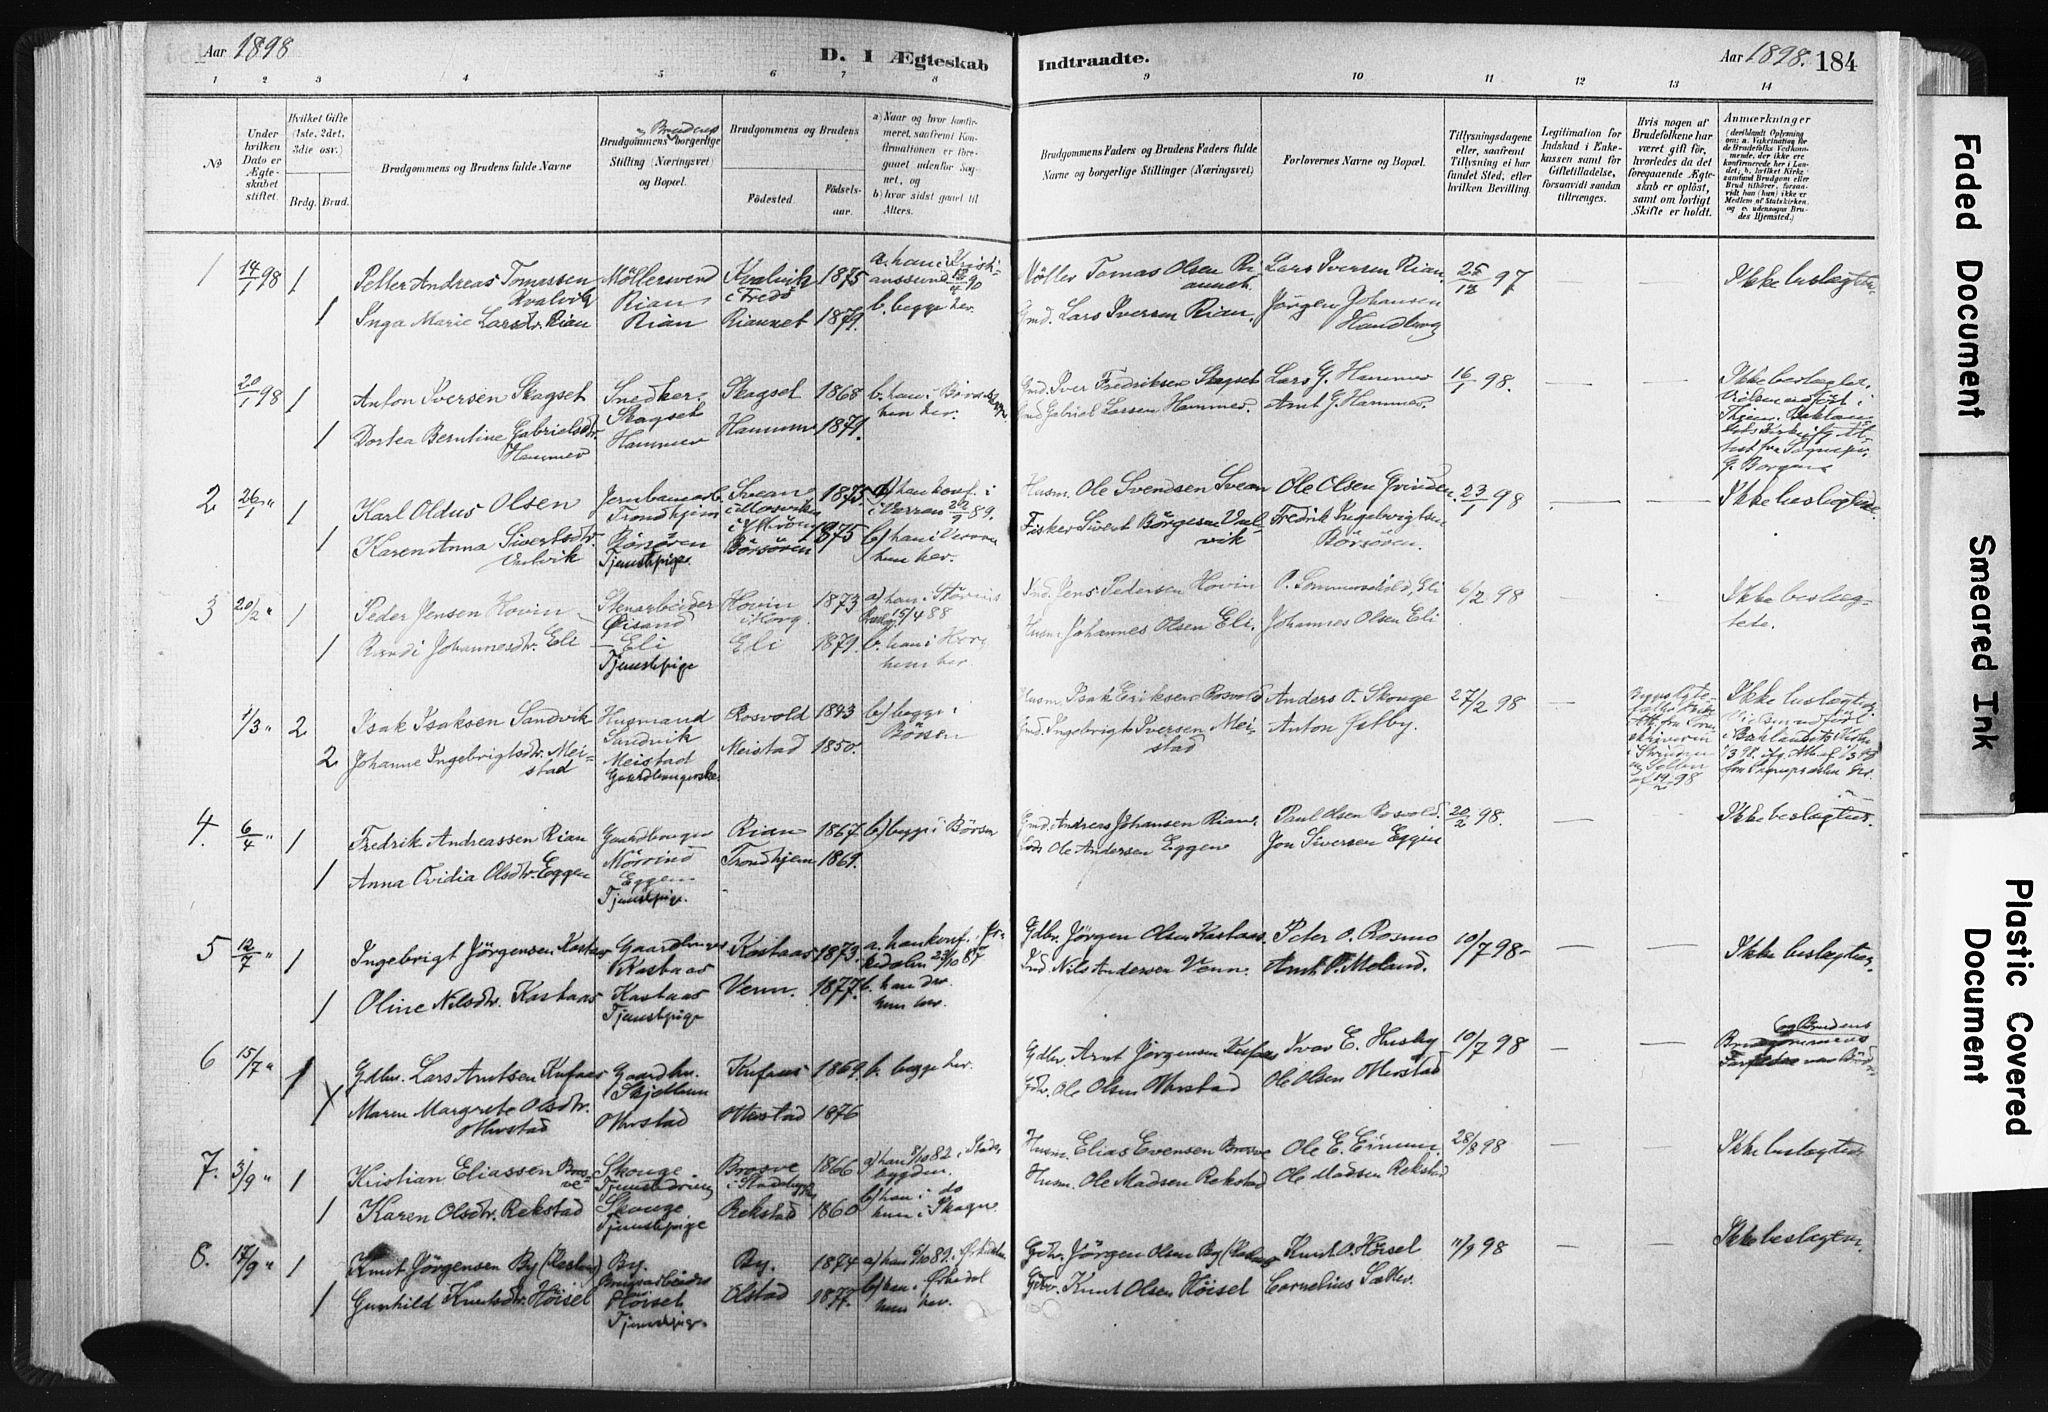 SAT, Ministerialprotokoller, klokkerbøker og fødselsregistre - Sør-Trøndelag, 665/L0773: Ministerialbok nr. 665A08, 1879-1905, s. 184